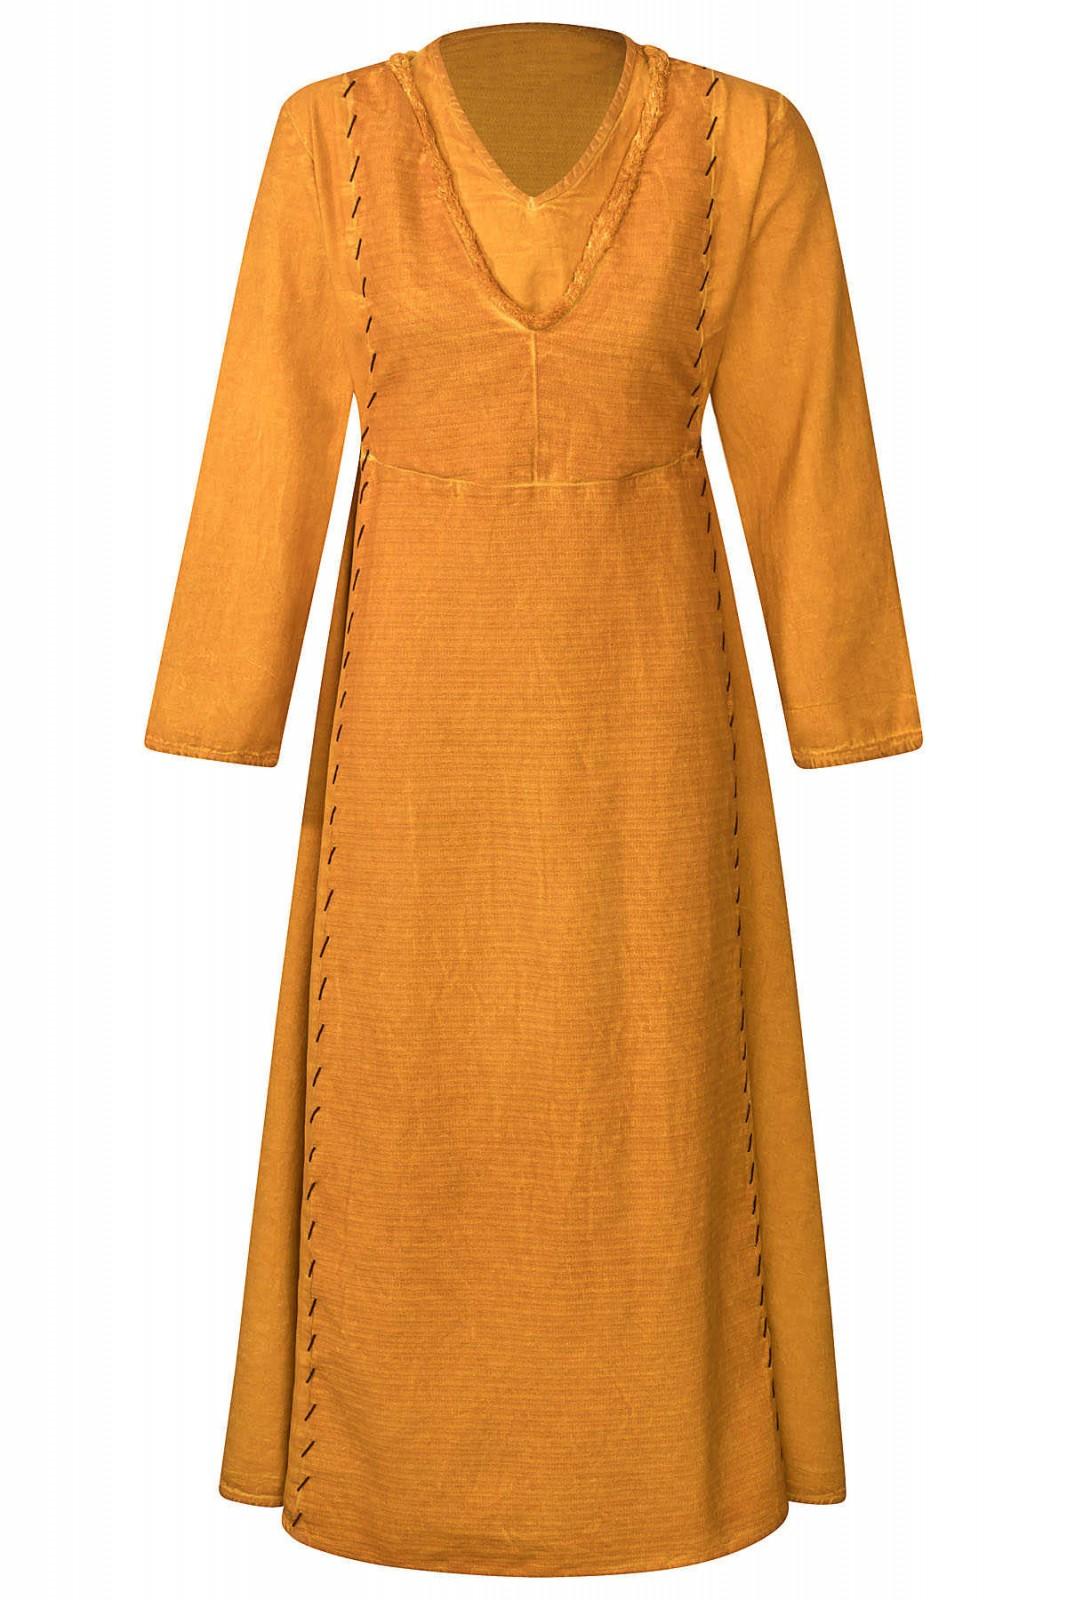 Lagertha - Kleid gelb